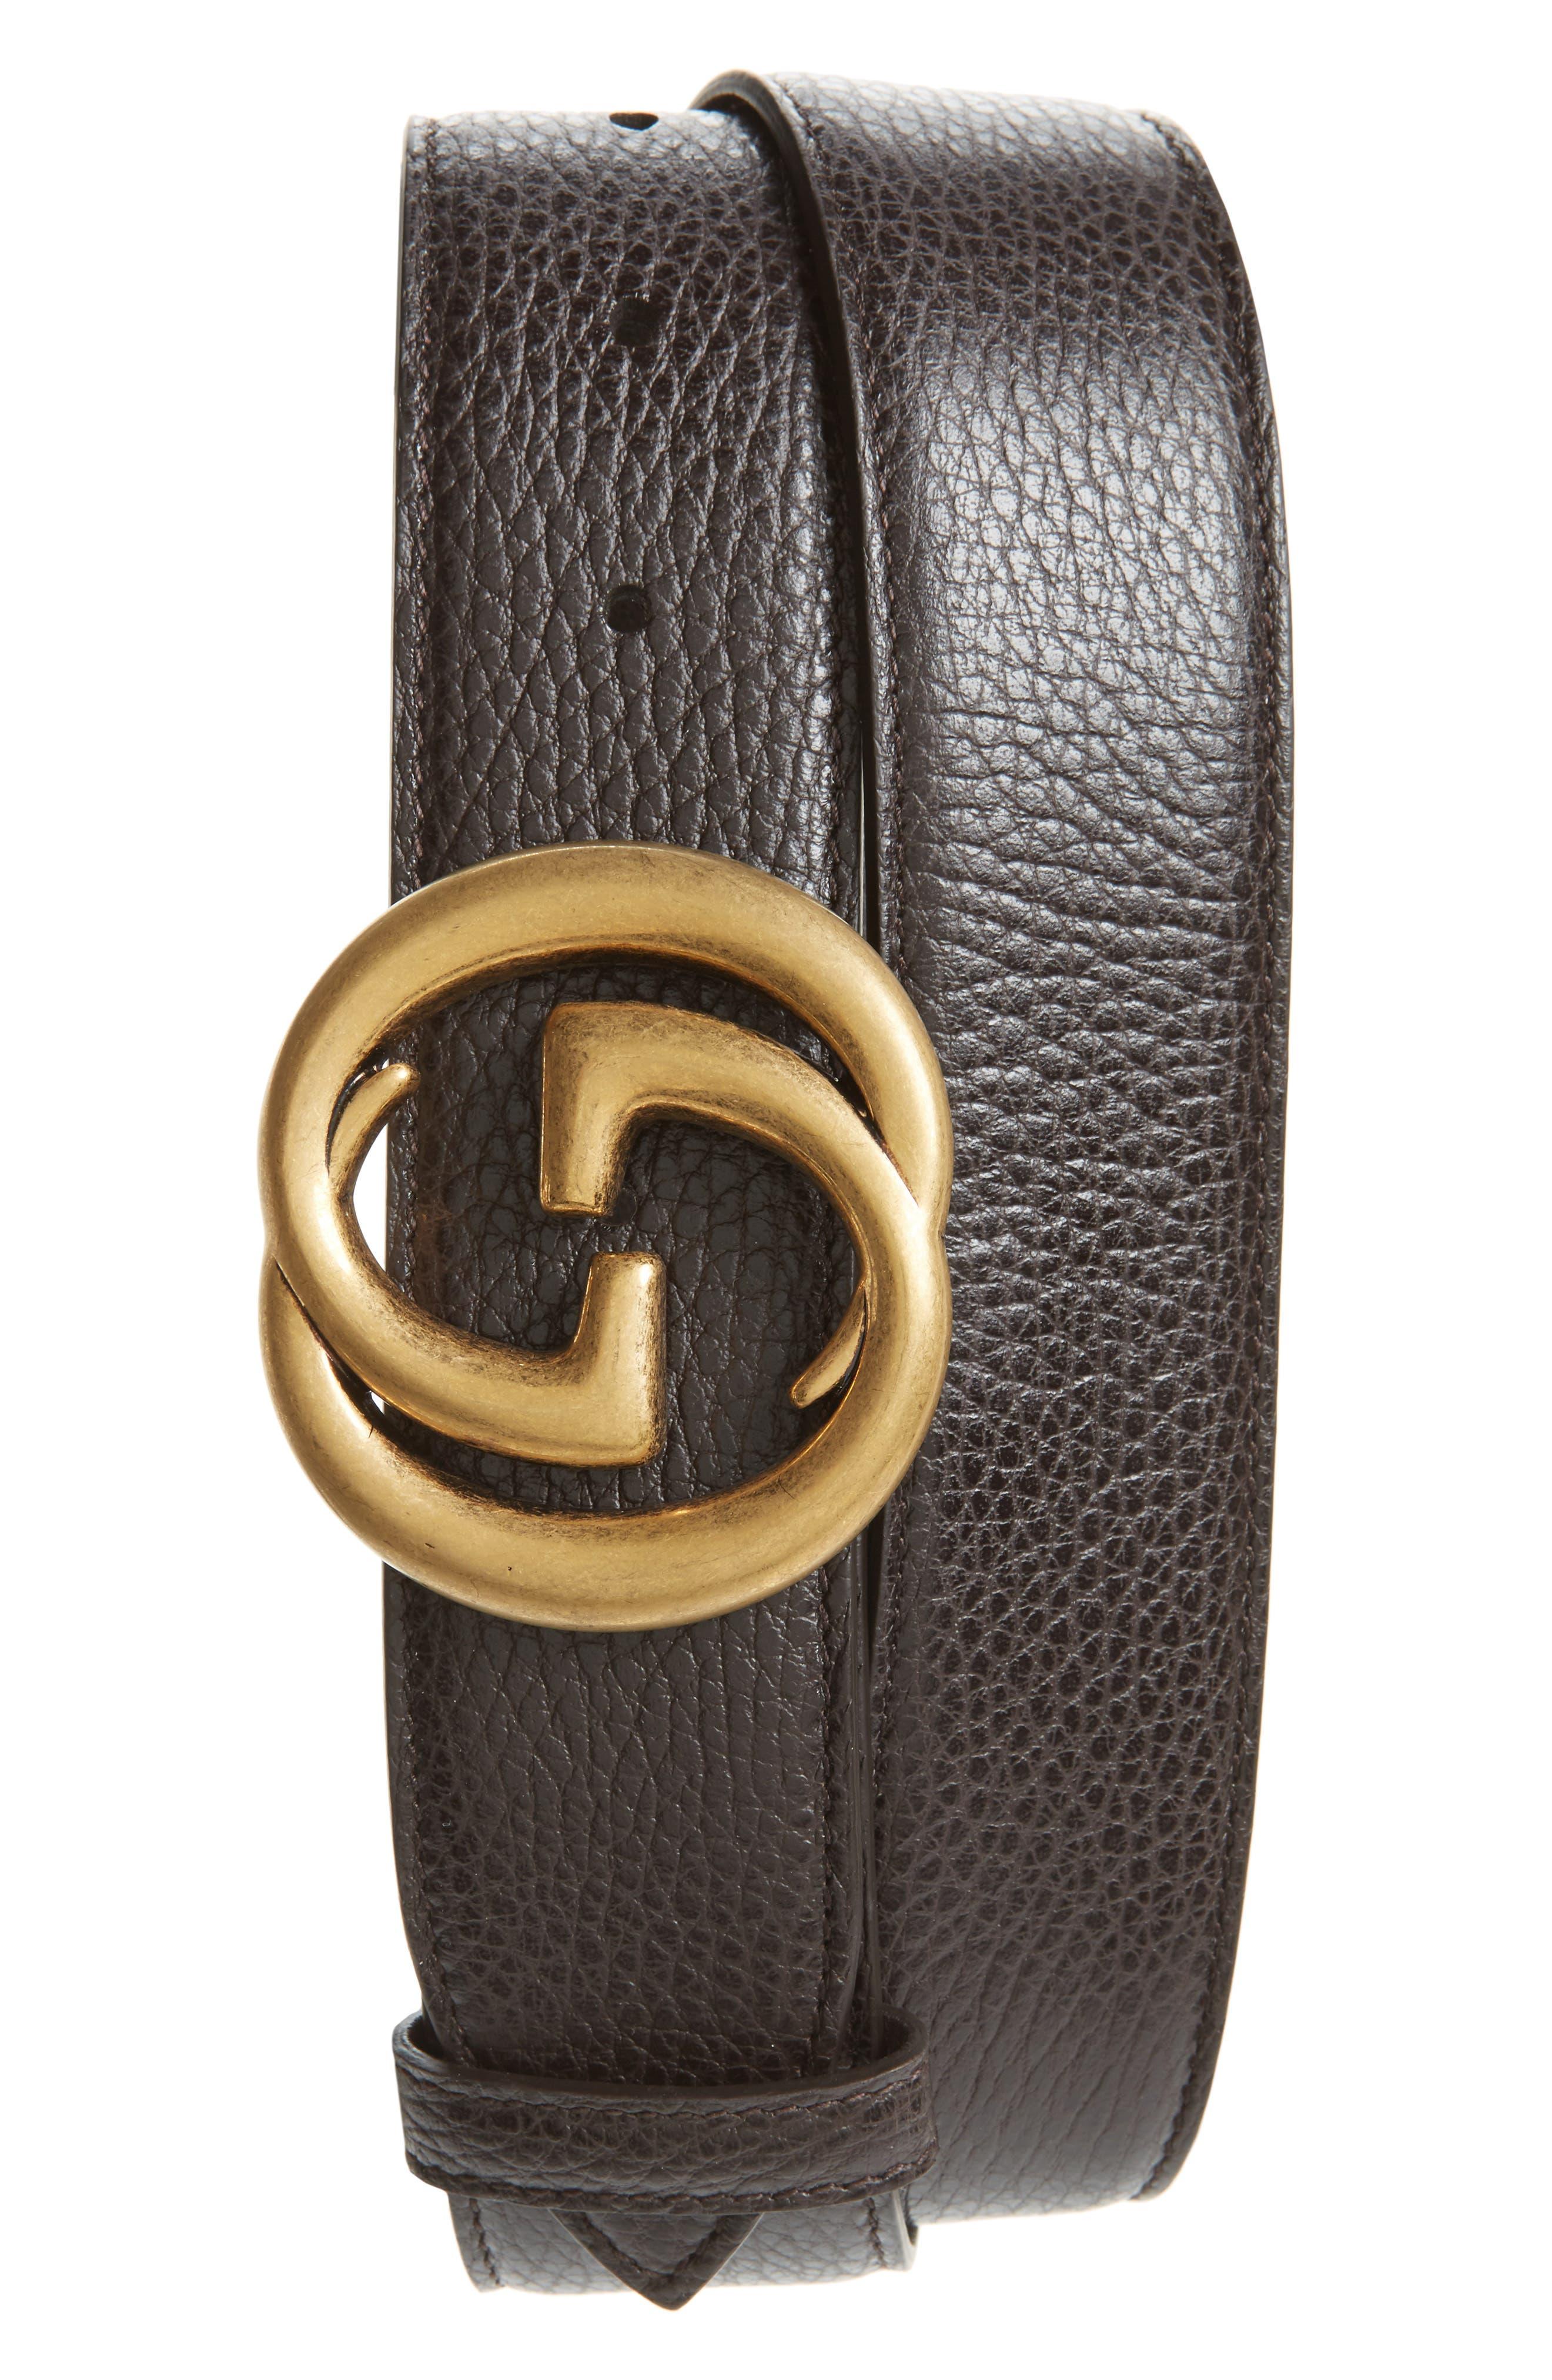 Gucci Interlocking-G Calfskin Leather Belt